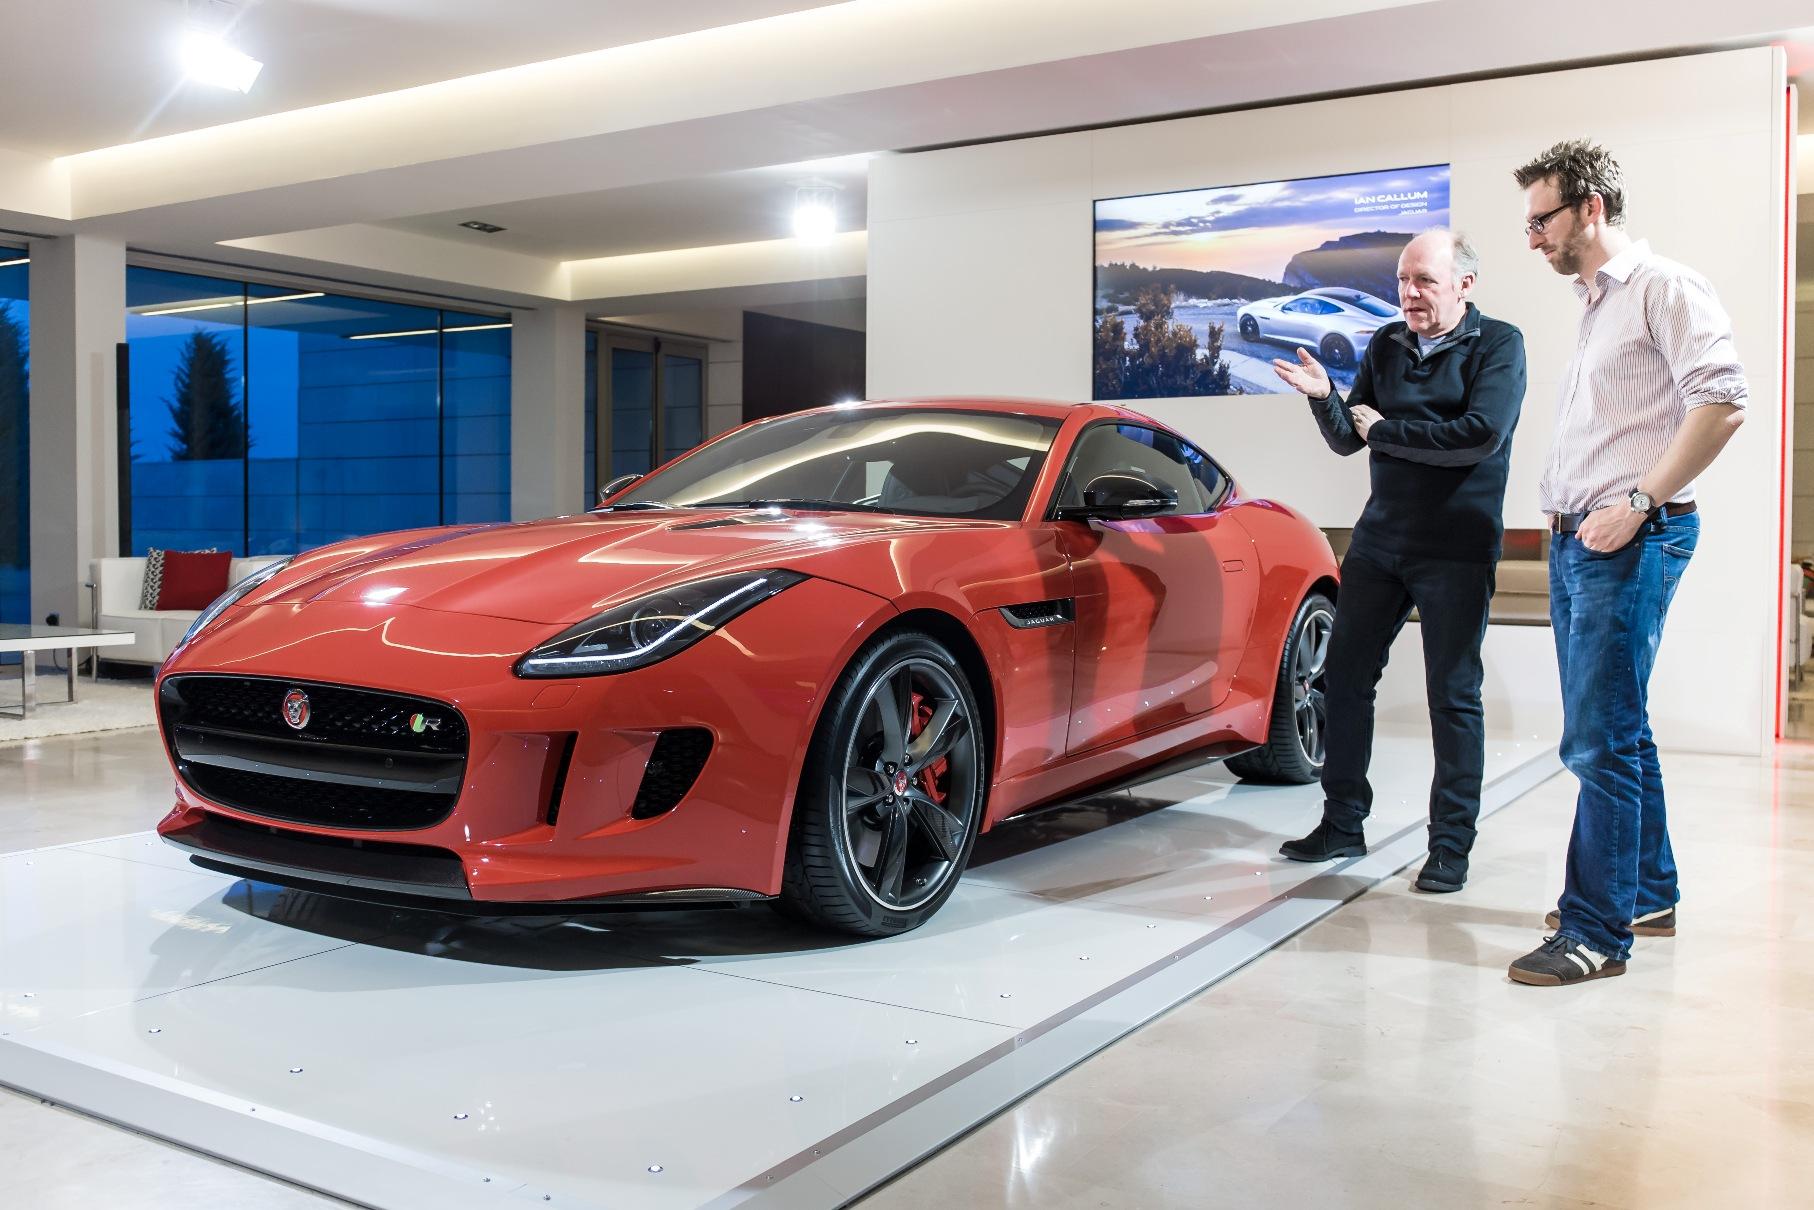 Jaguar F-TYPE Coupé visione d'artista